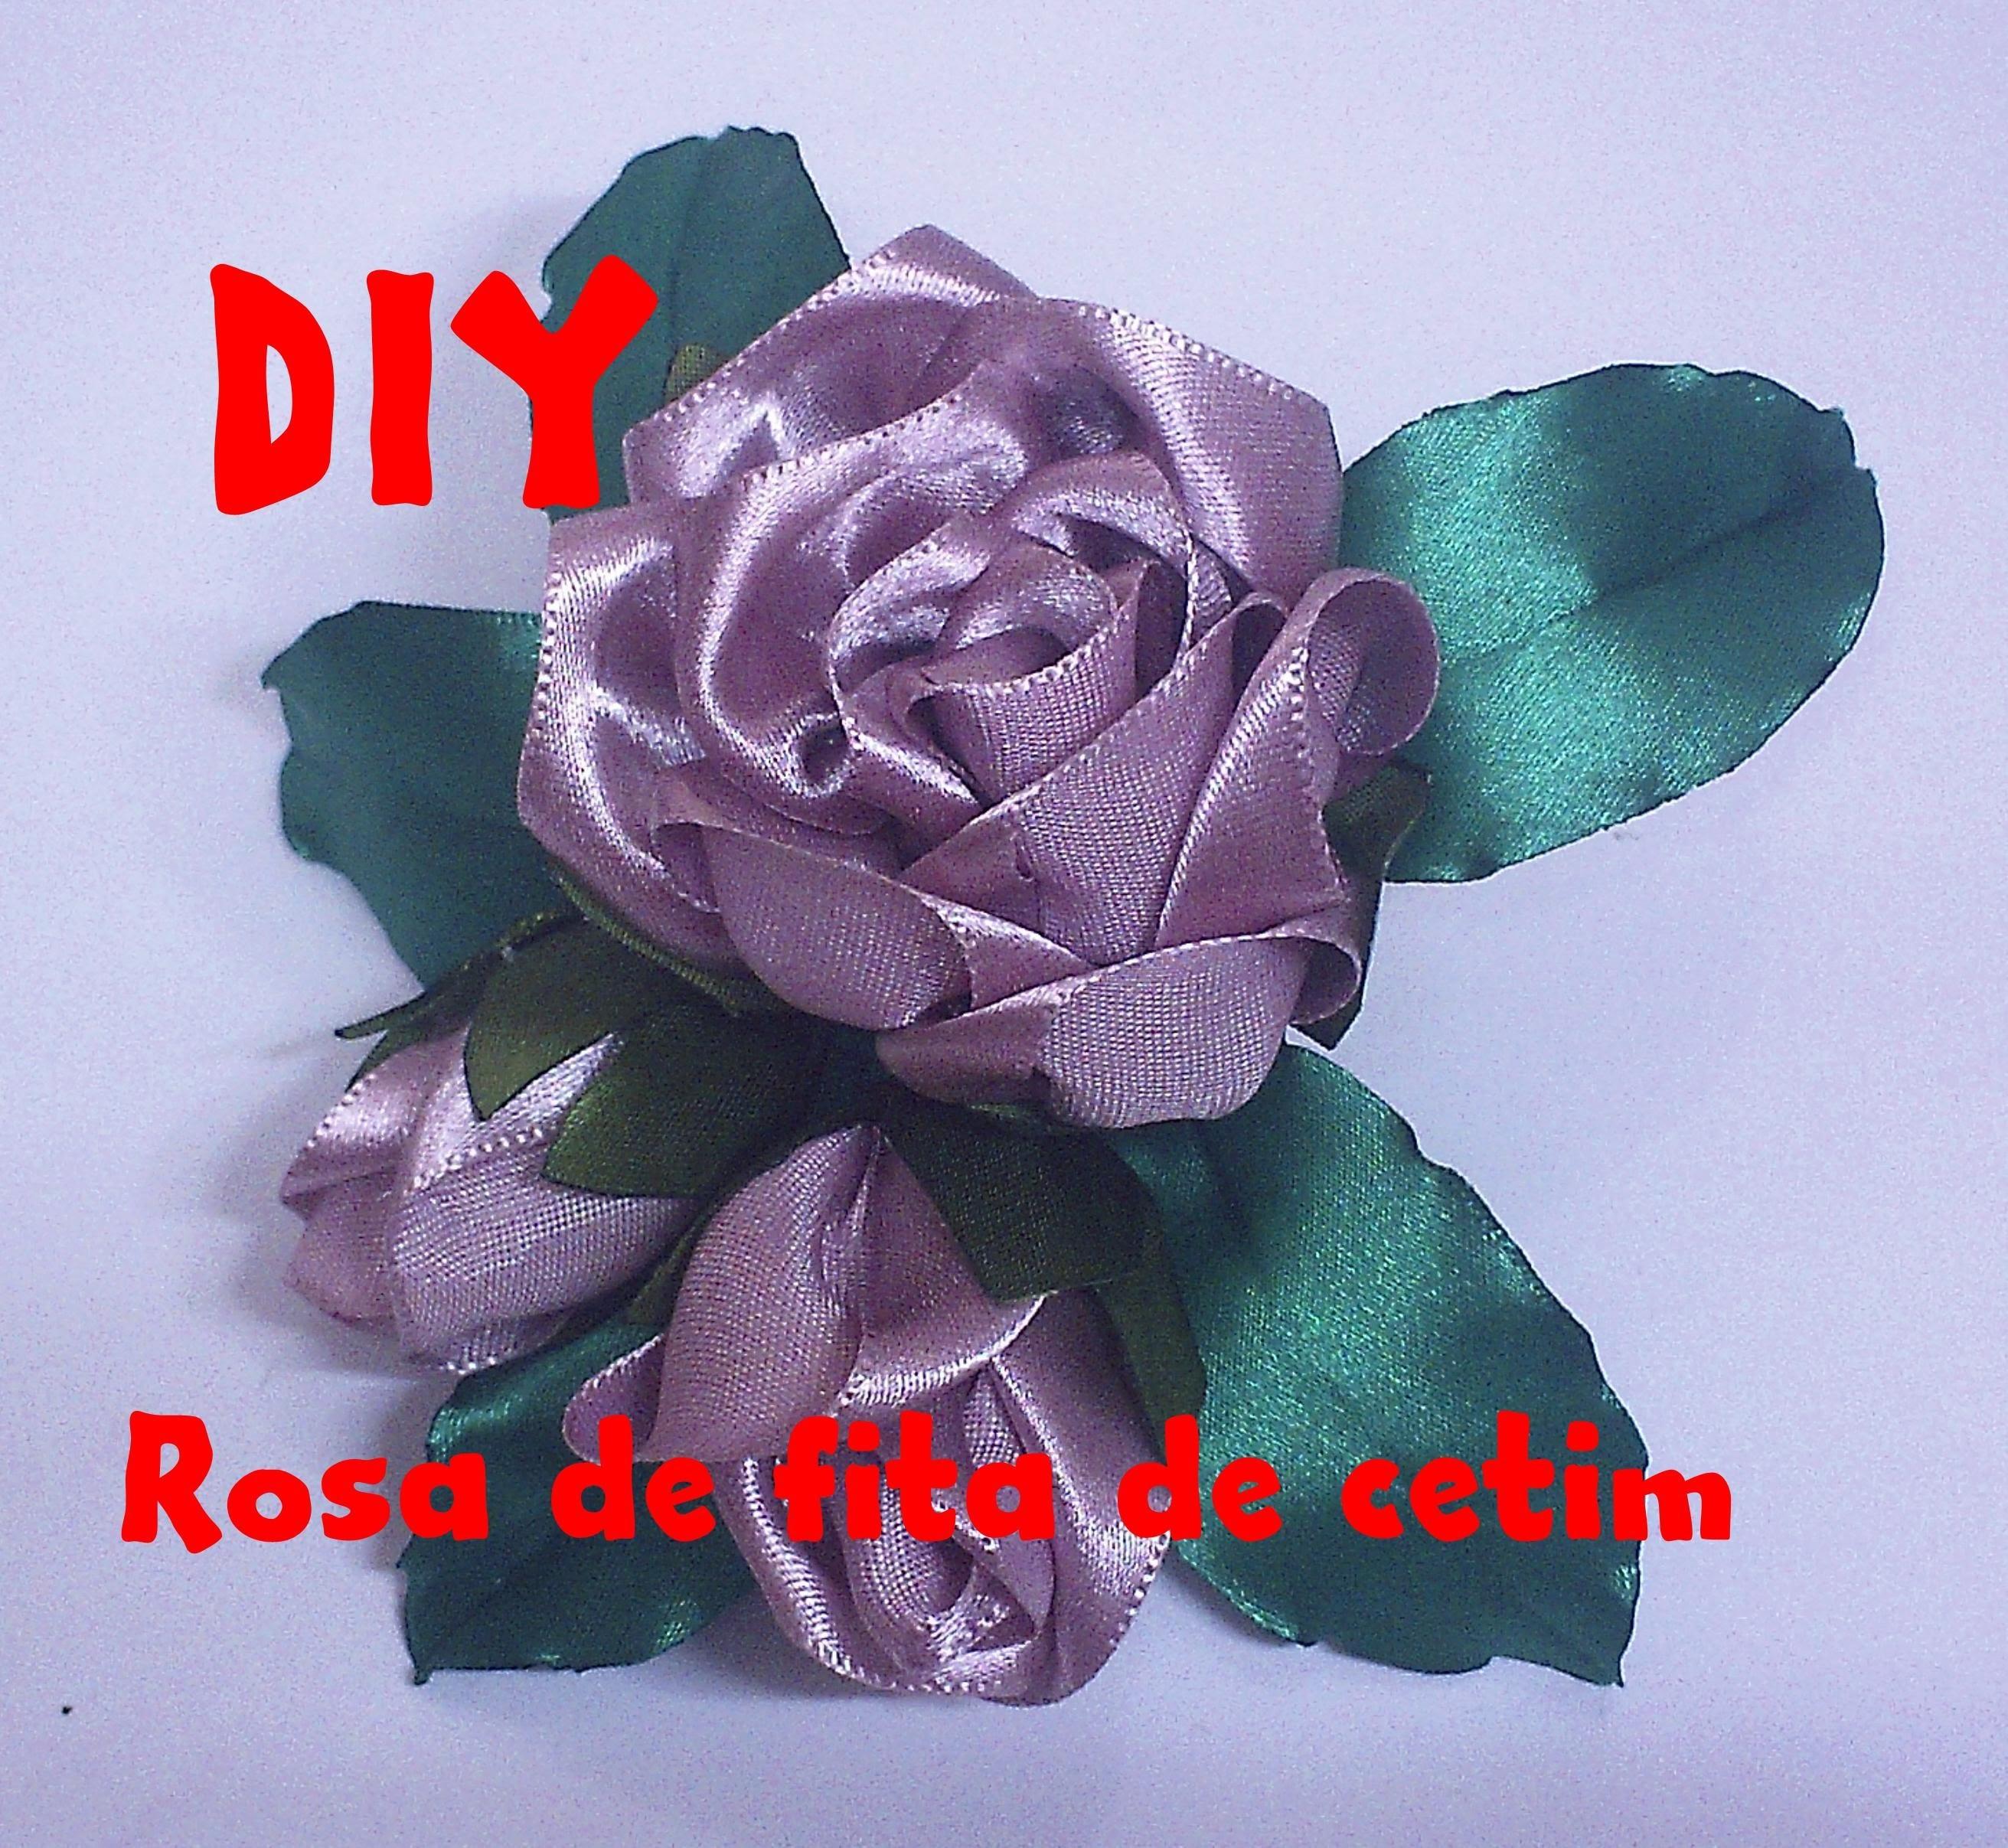 Rosa de fita de cetim. Rose satin ribbon